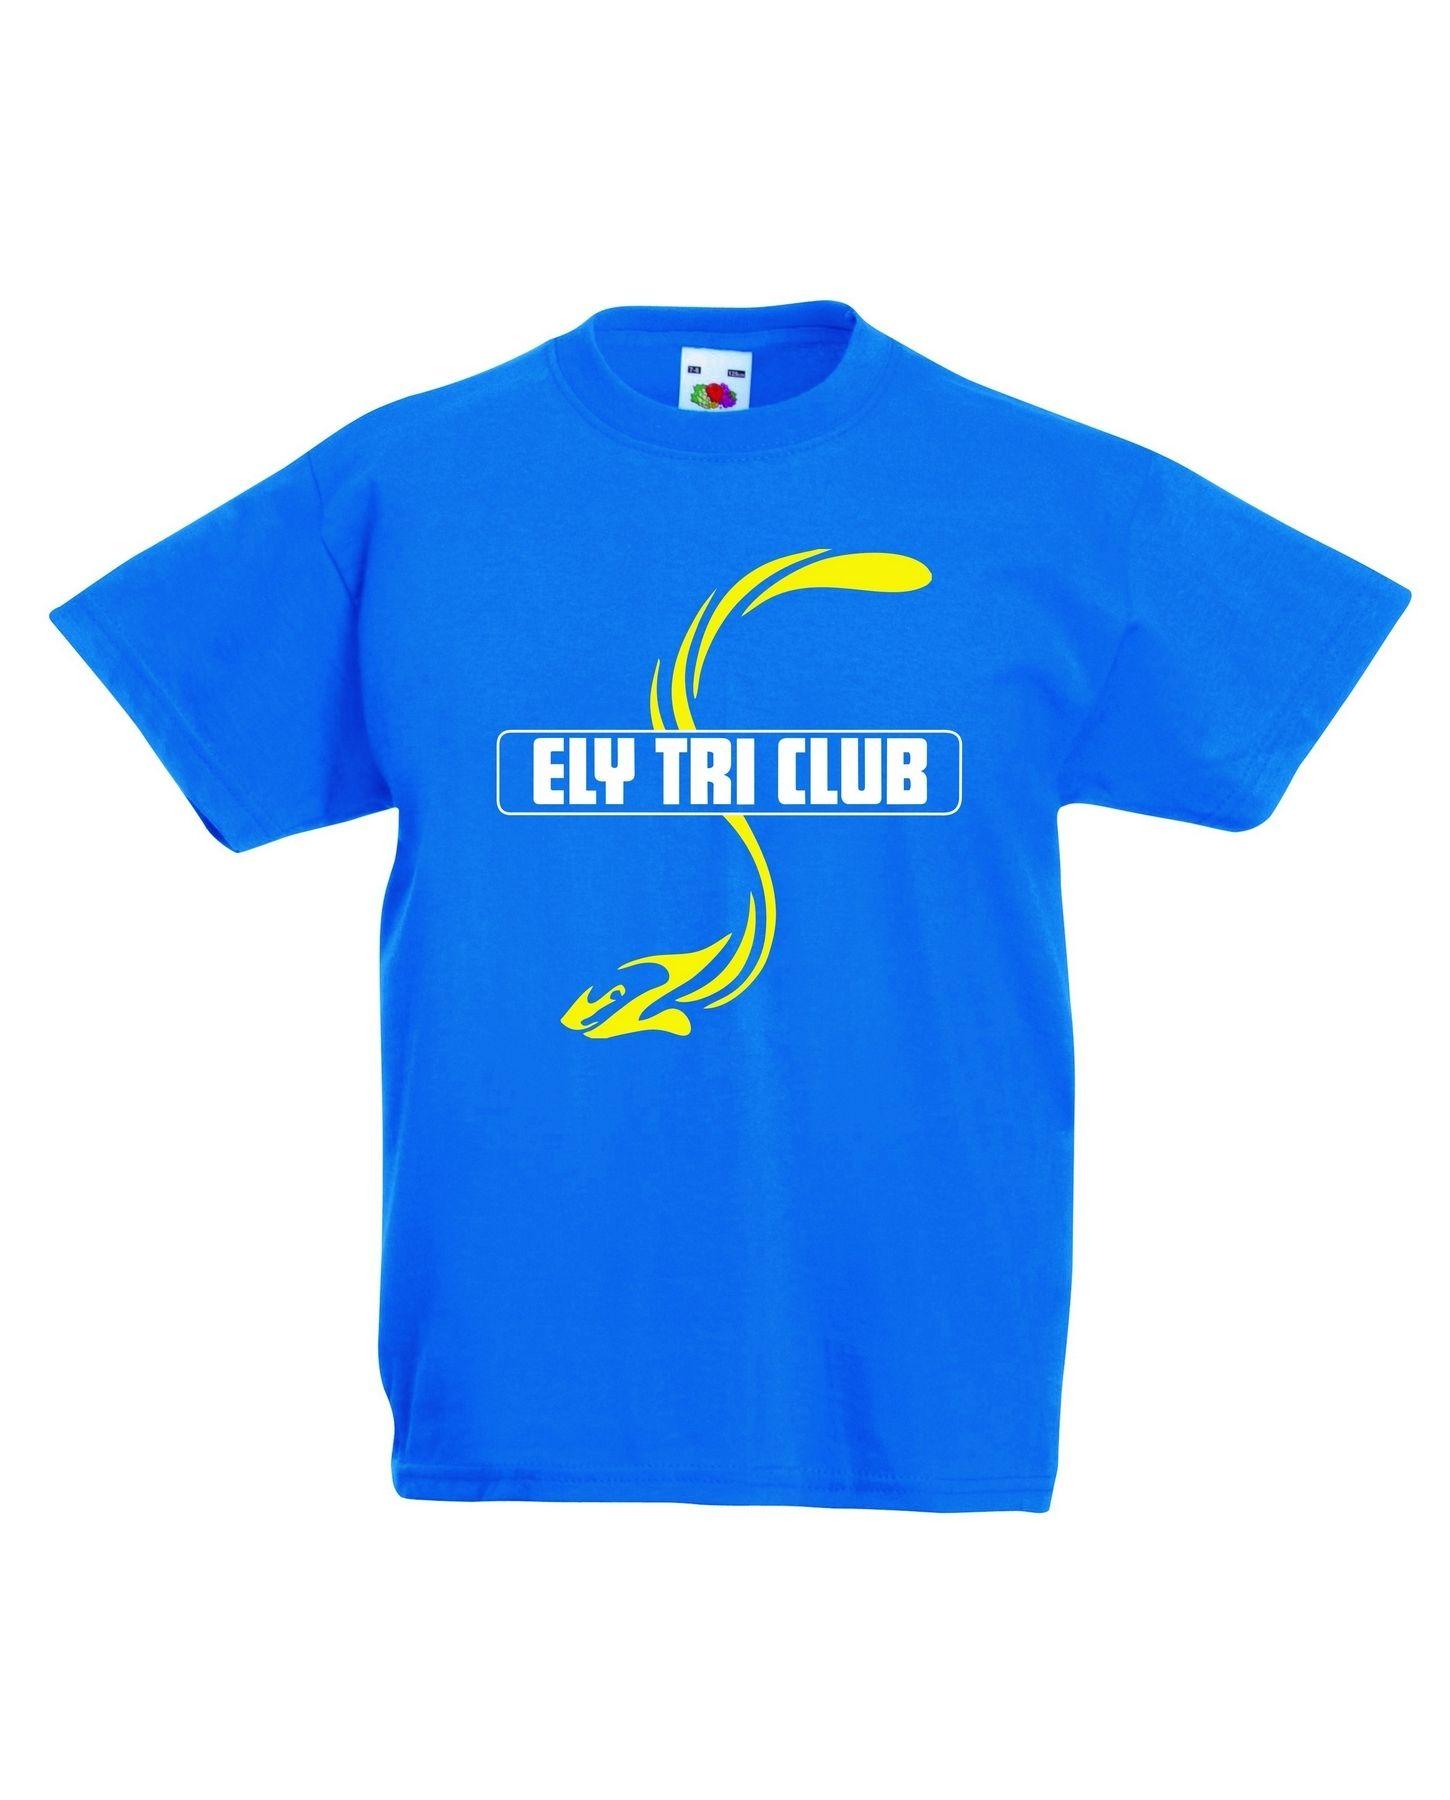 Ely Tri Club – Kids Tee